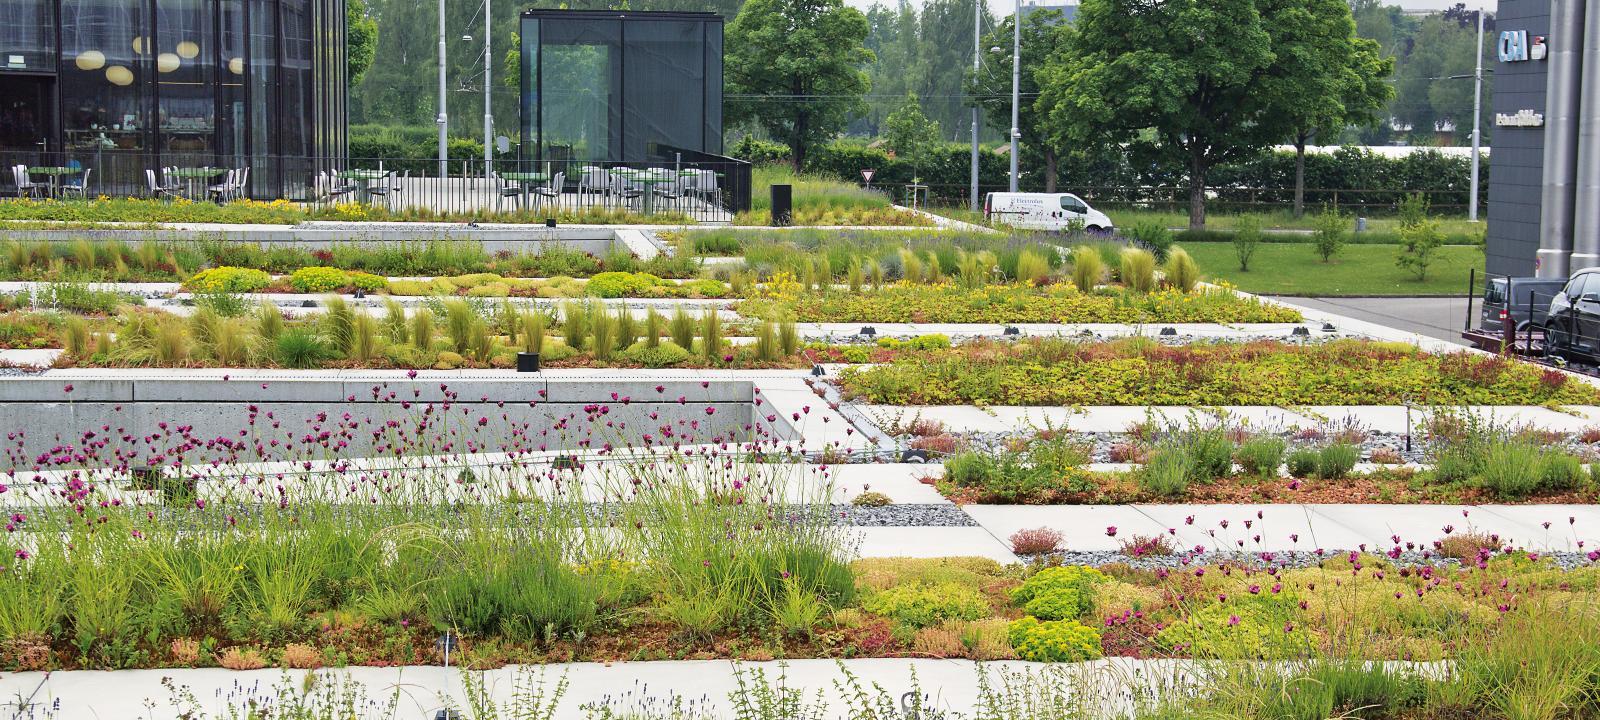 Ornamental Sedum Zinco Green Roof Systems Usa